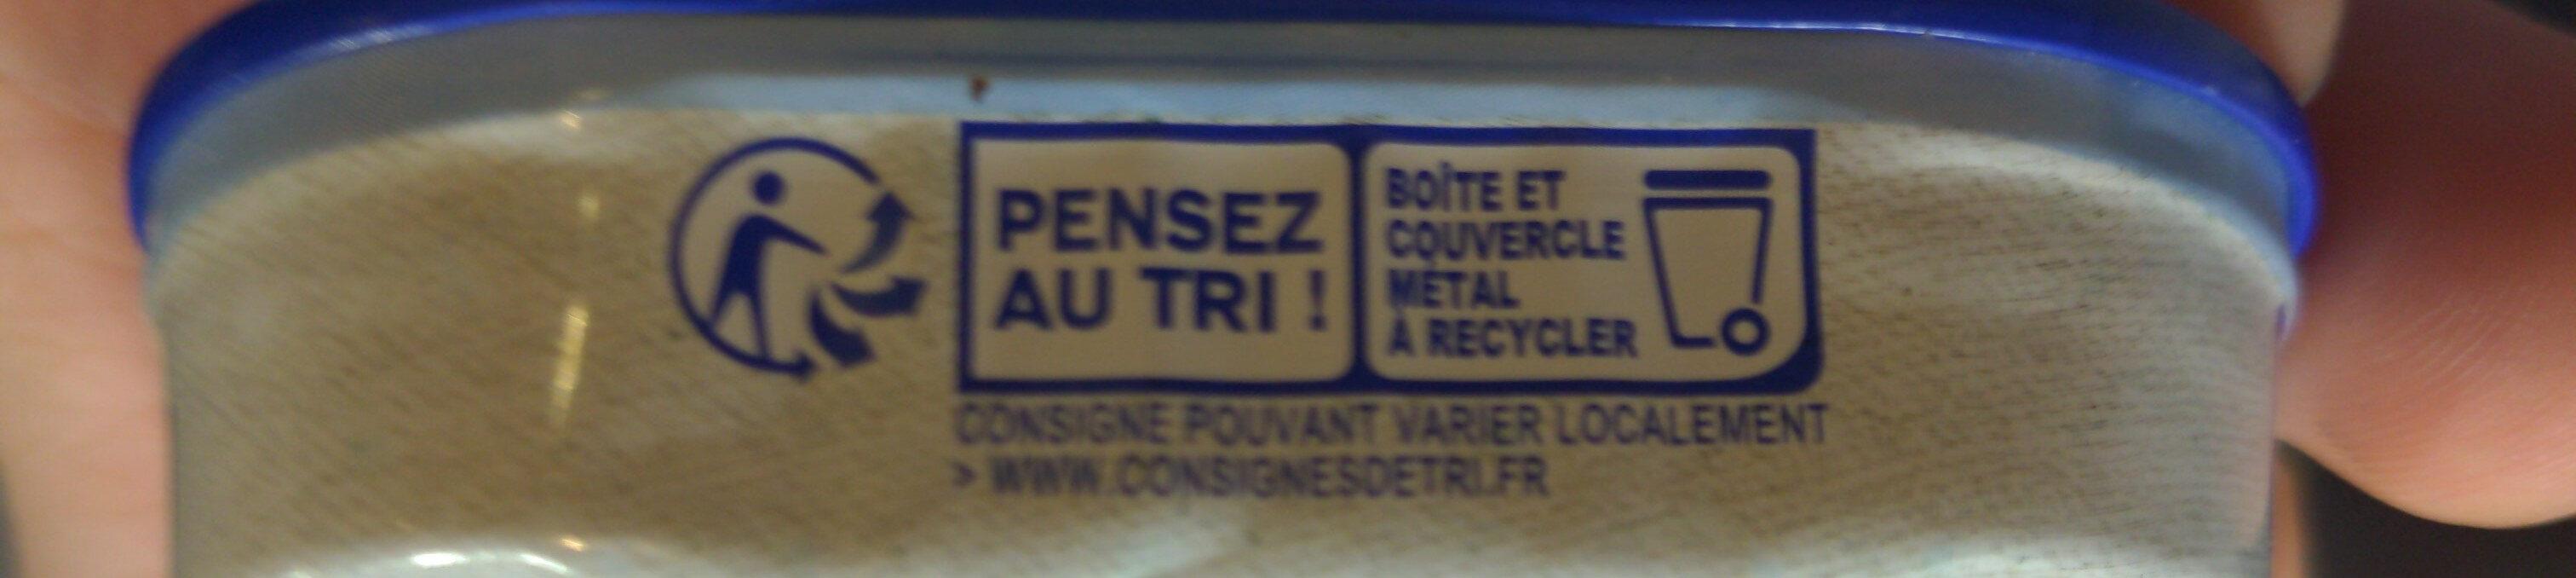 Filets de sardines - Istruzioni per il riciclaggio e/o informazioni sull'imballaggio - fr